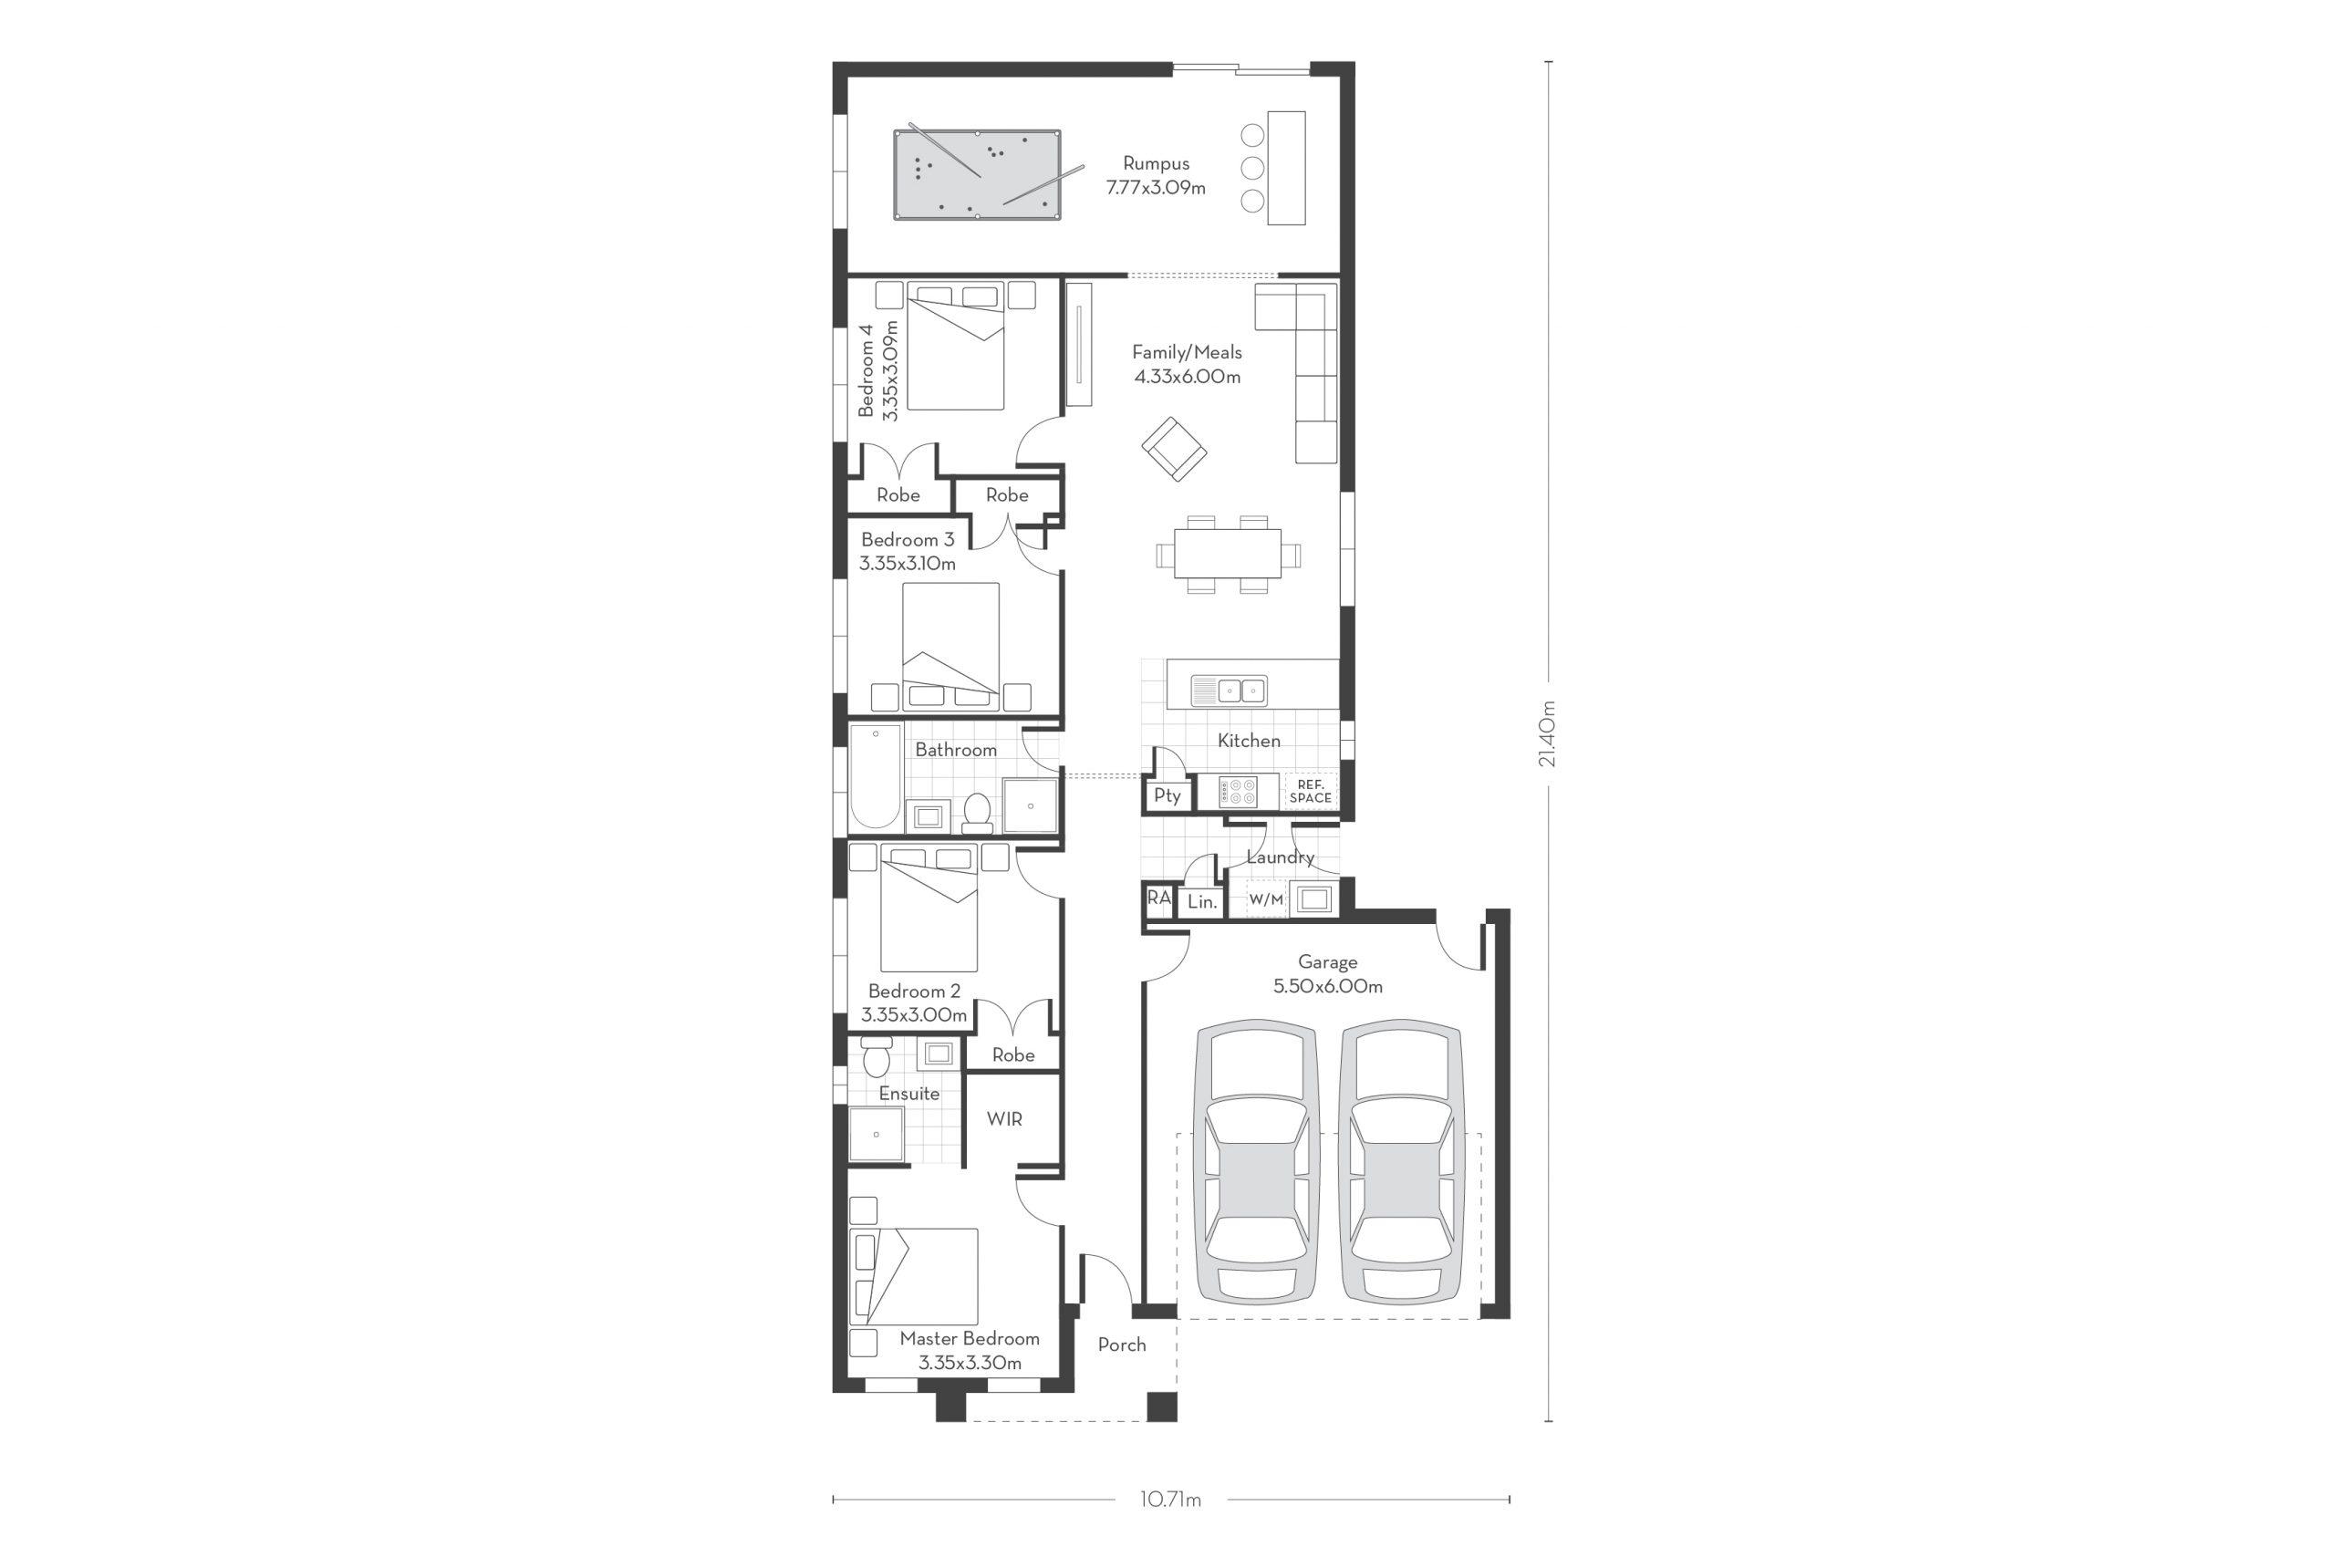 Rosemont 20 – Rumpus Floor Plans